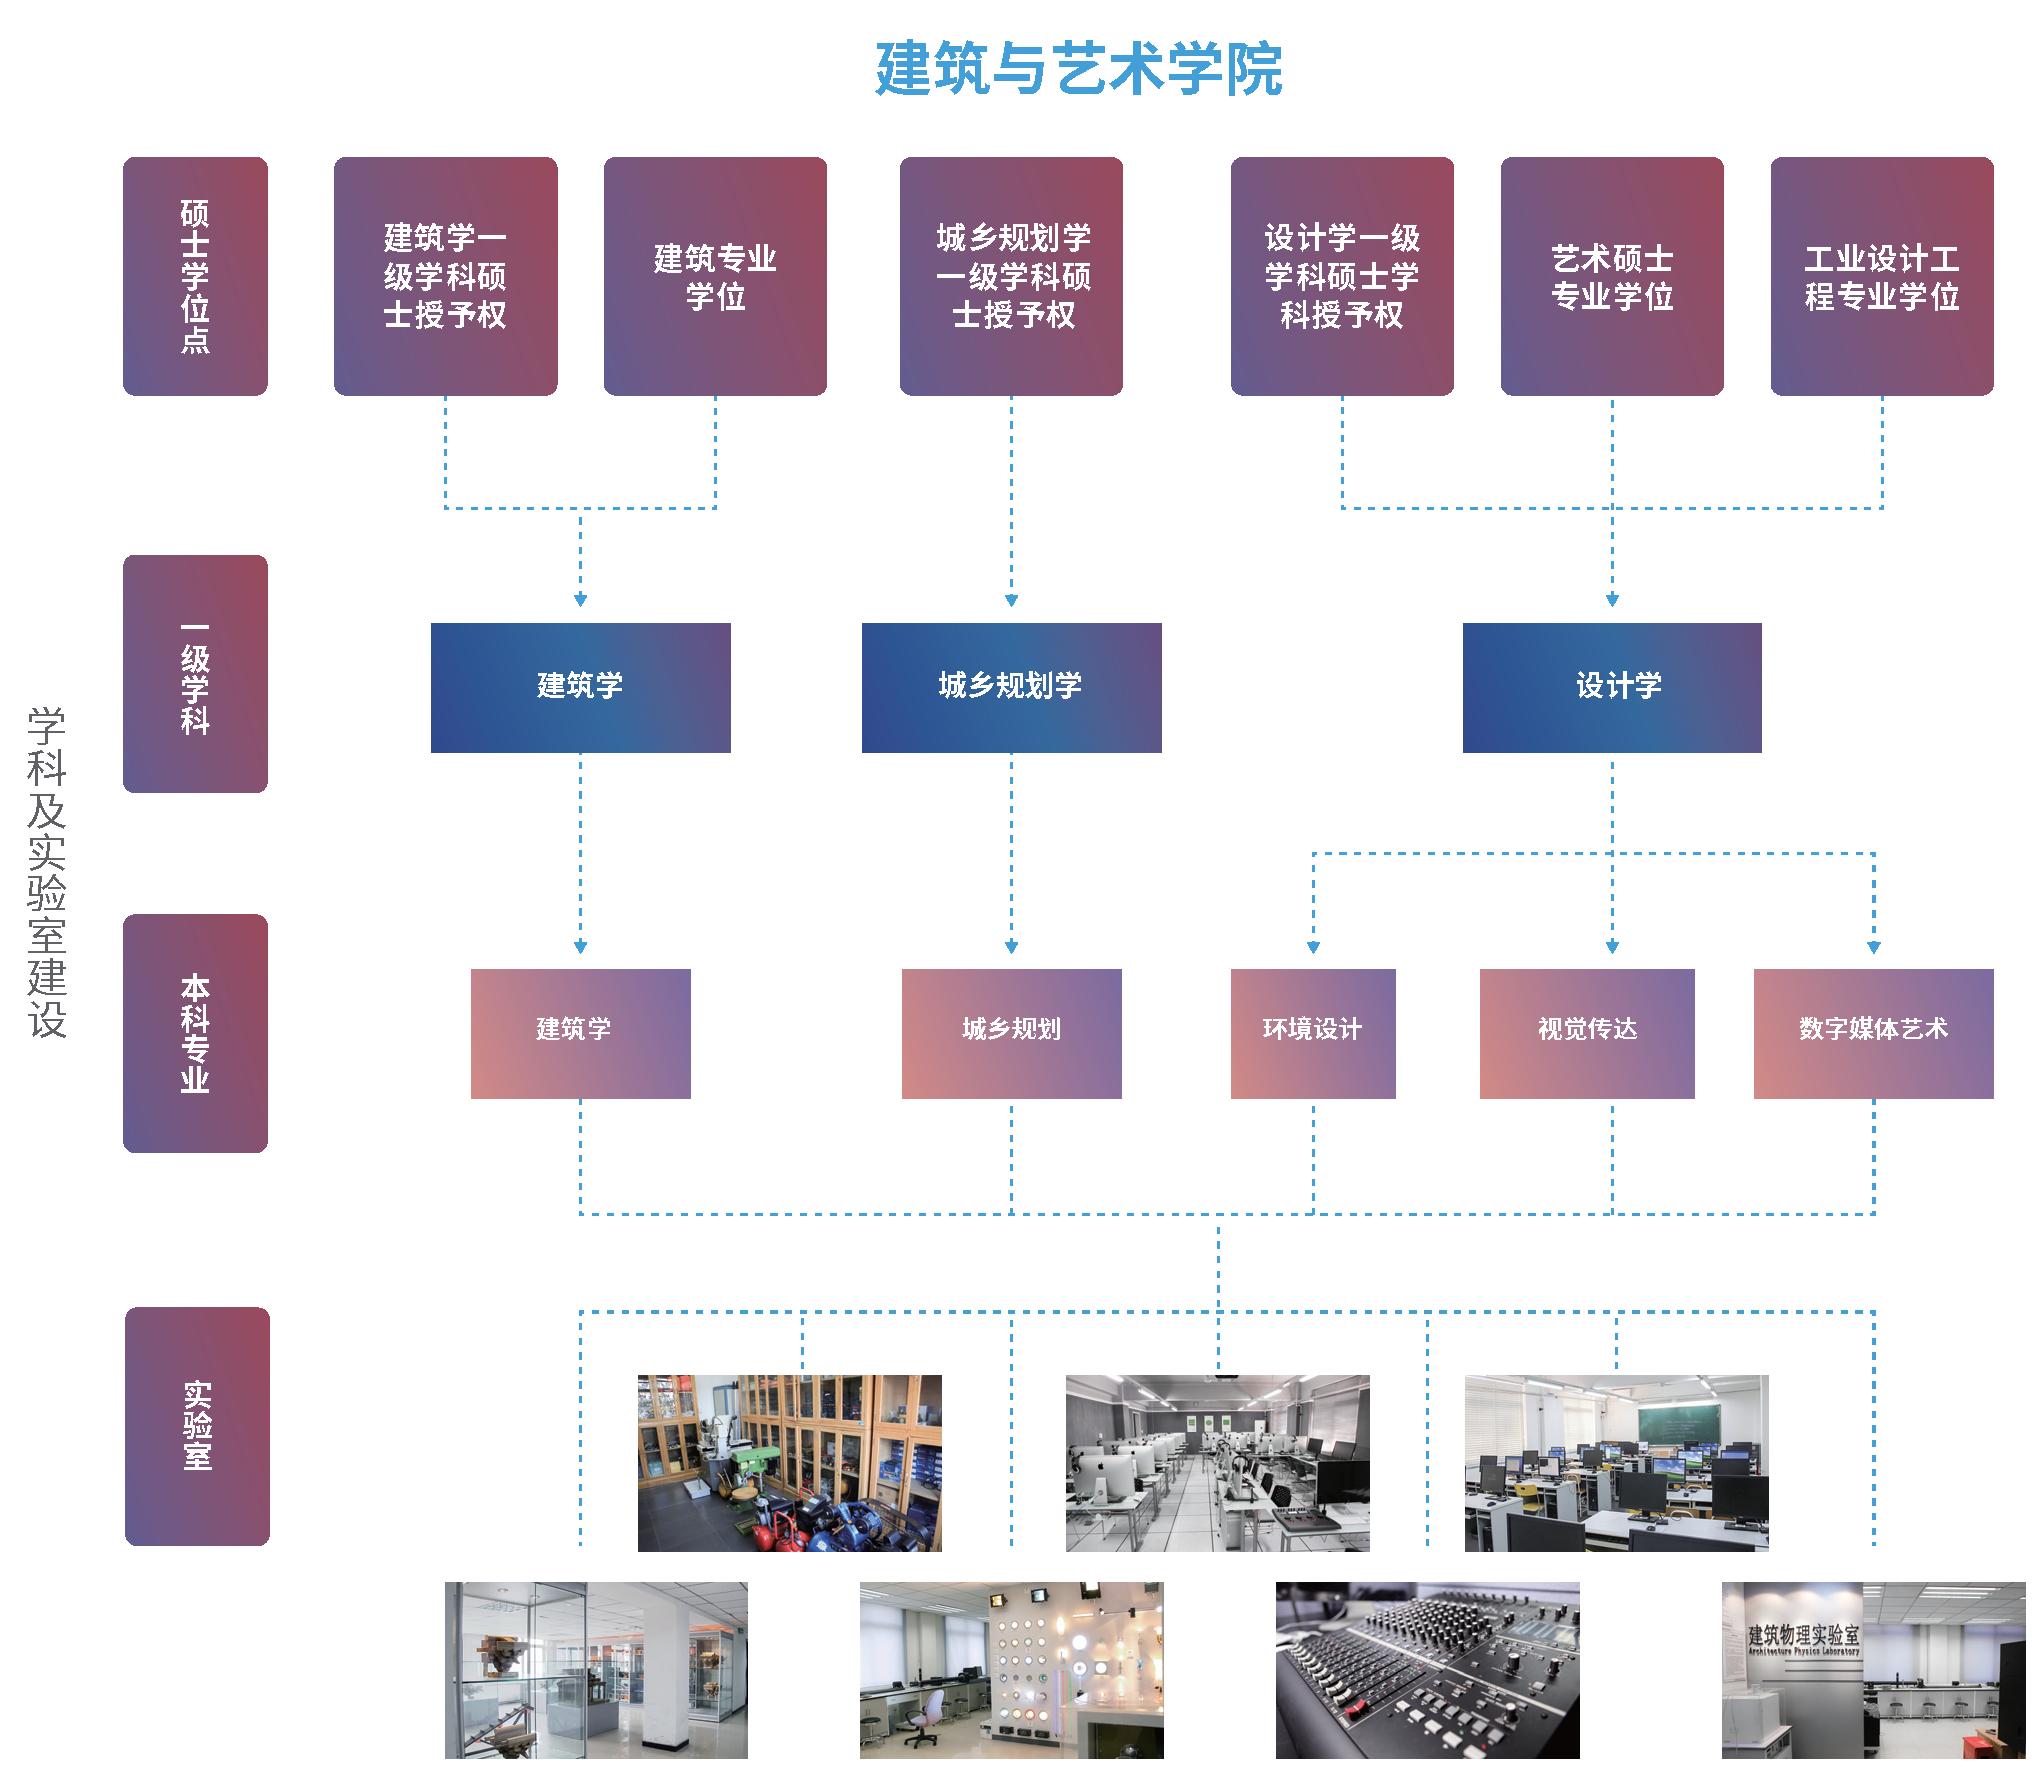 招生指南-各学院架构图 5个 6-6_页面_4.png